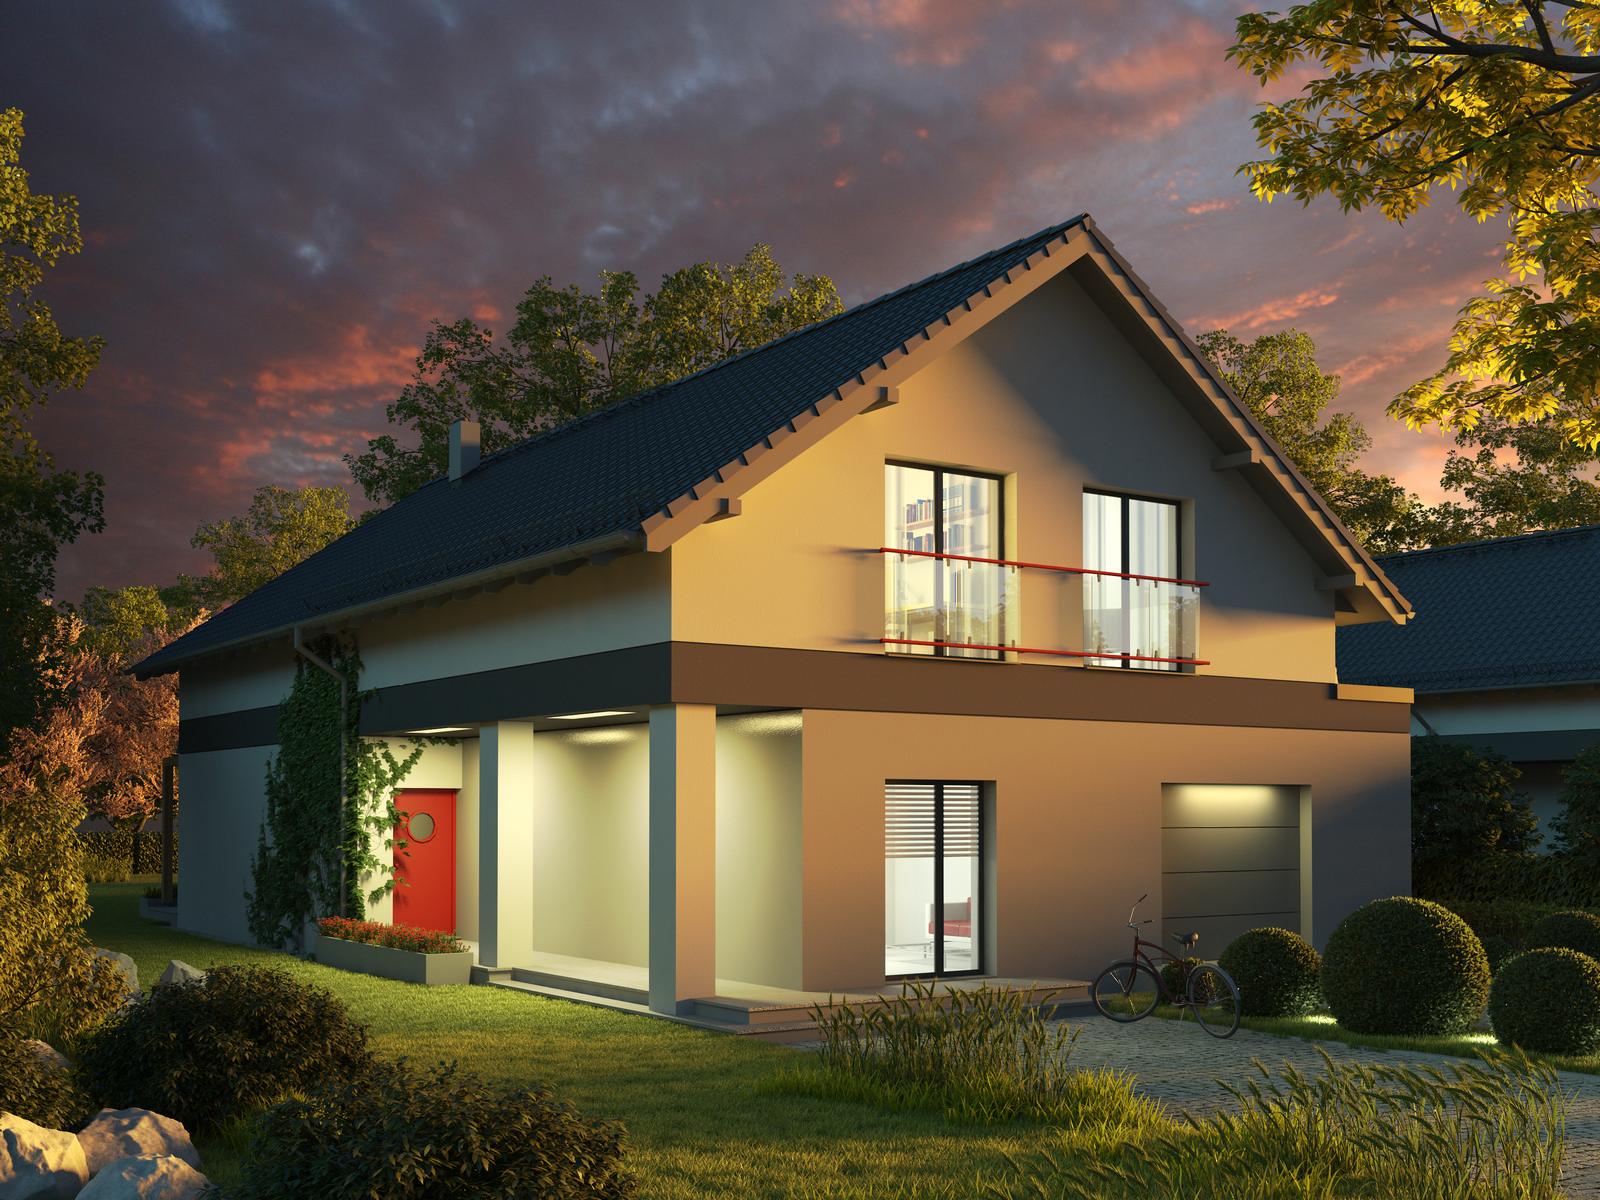 Projekt domu WĄSKI Domy Czystej Energii widok od frontu